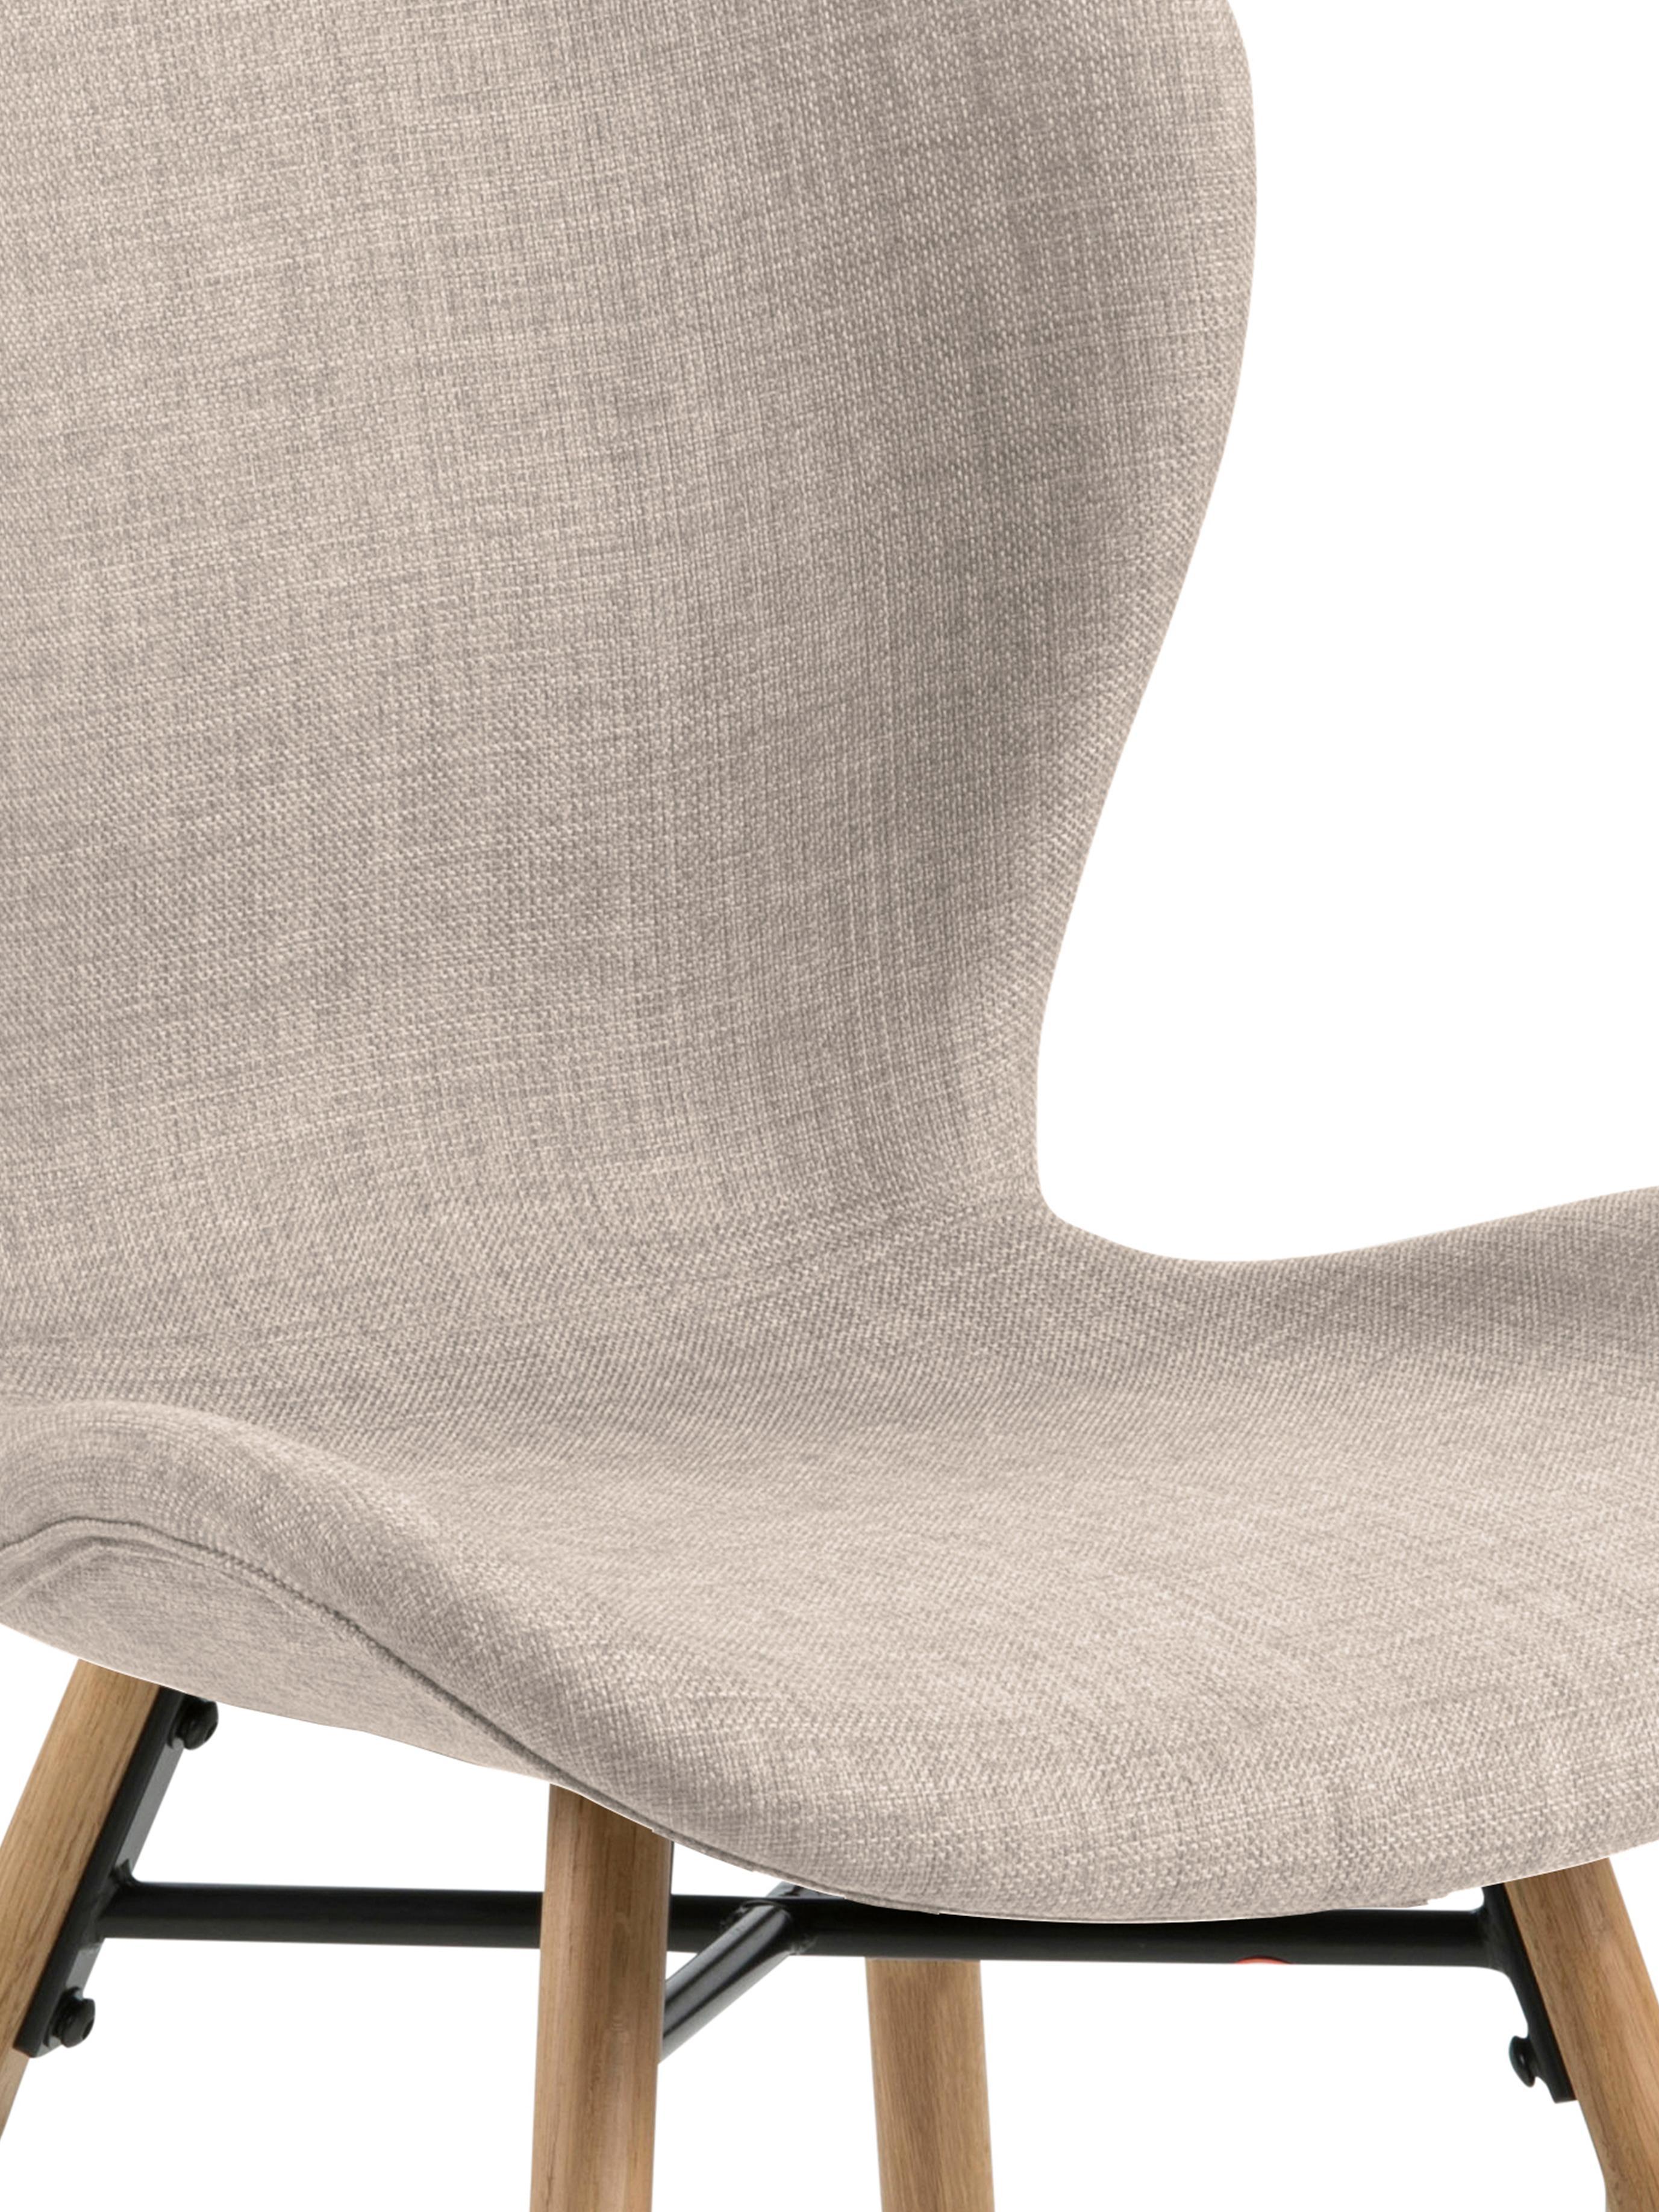 Sillas tapizadas Batilda, 2uds., estilo escandinavo, Tapizado: poliéster 25.000ciclos e, Patas: madera de roble maciza co, Tejido color arena, An 56 x Al 83 cm